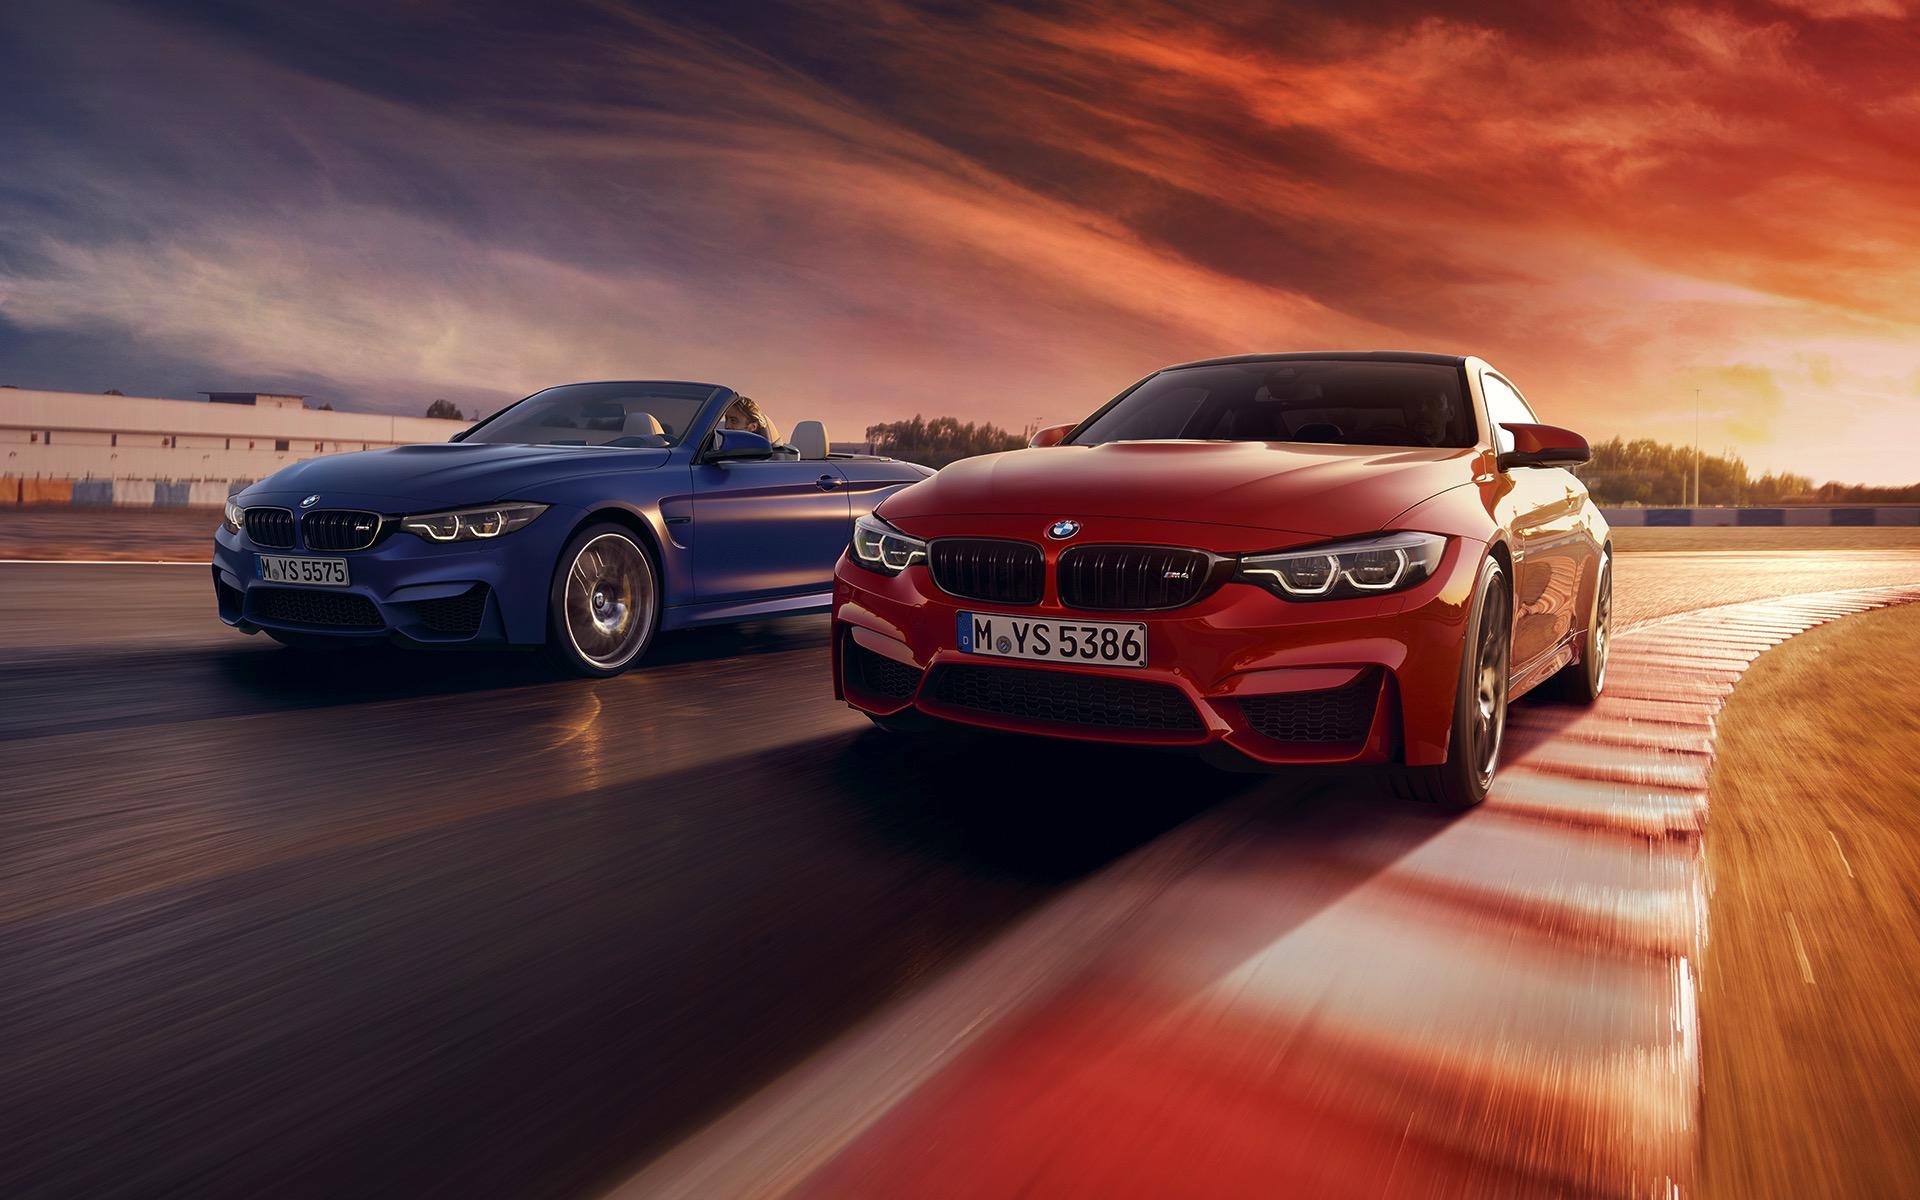 2019 BMW M4 Facelift abgedunkelte Rueckleuchten dark tail lights 11